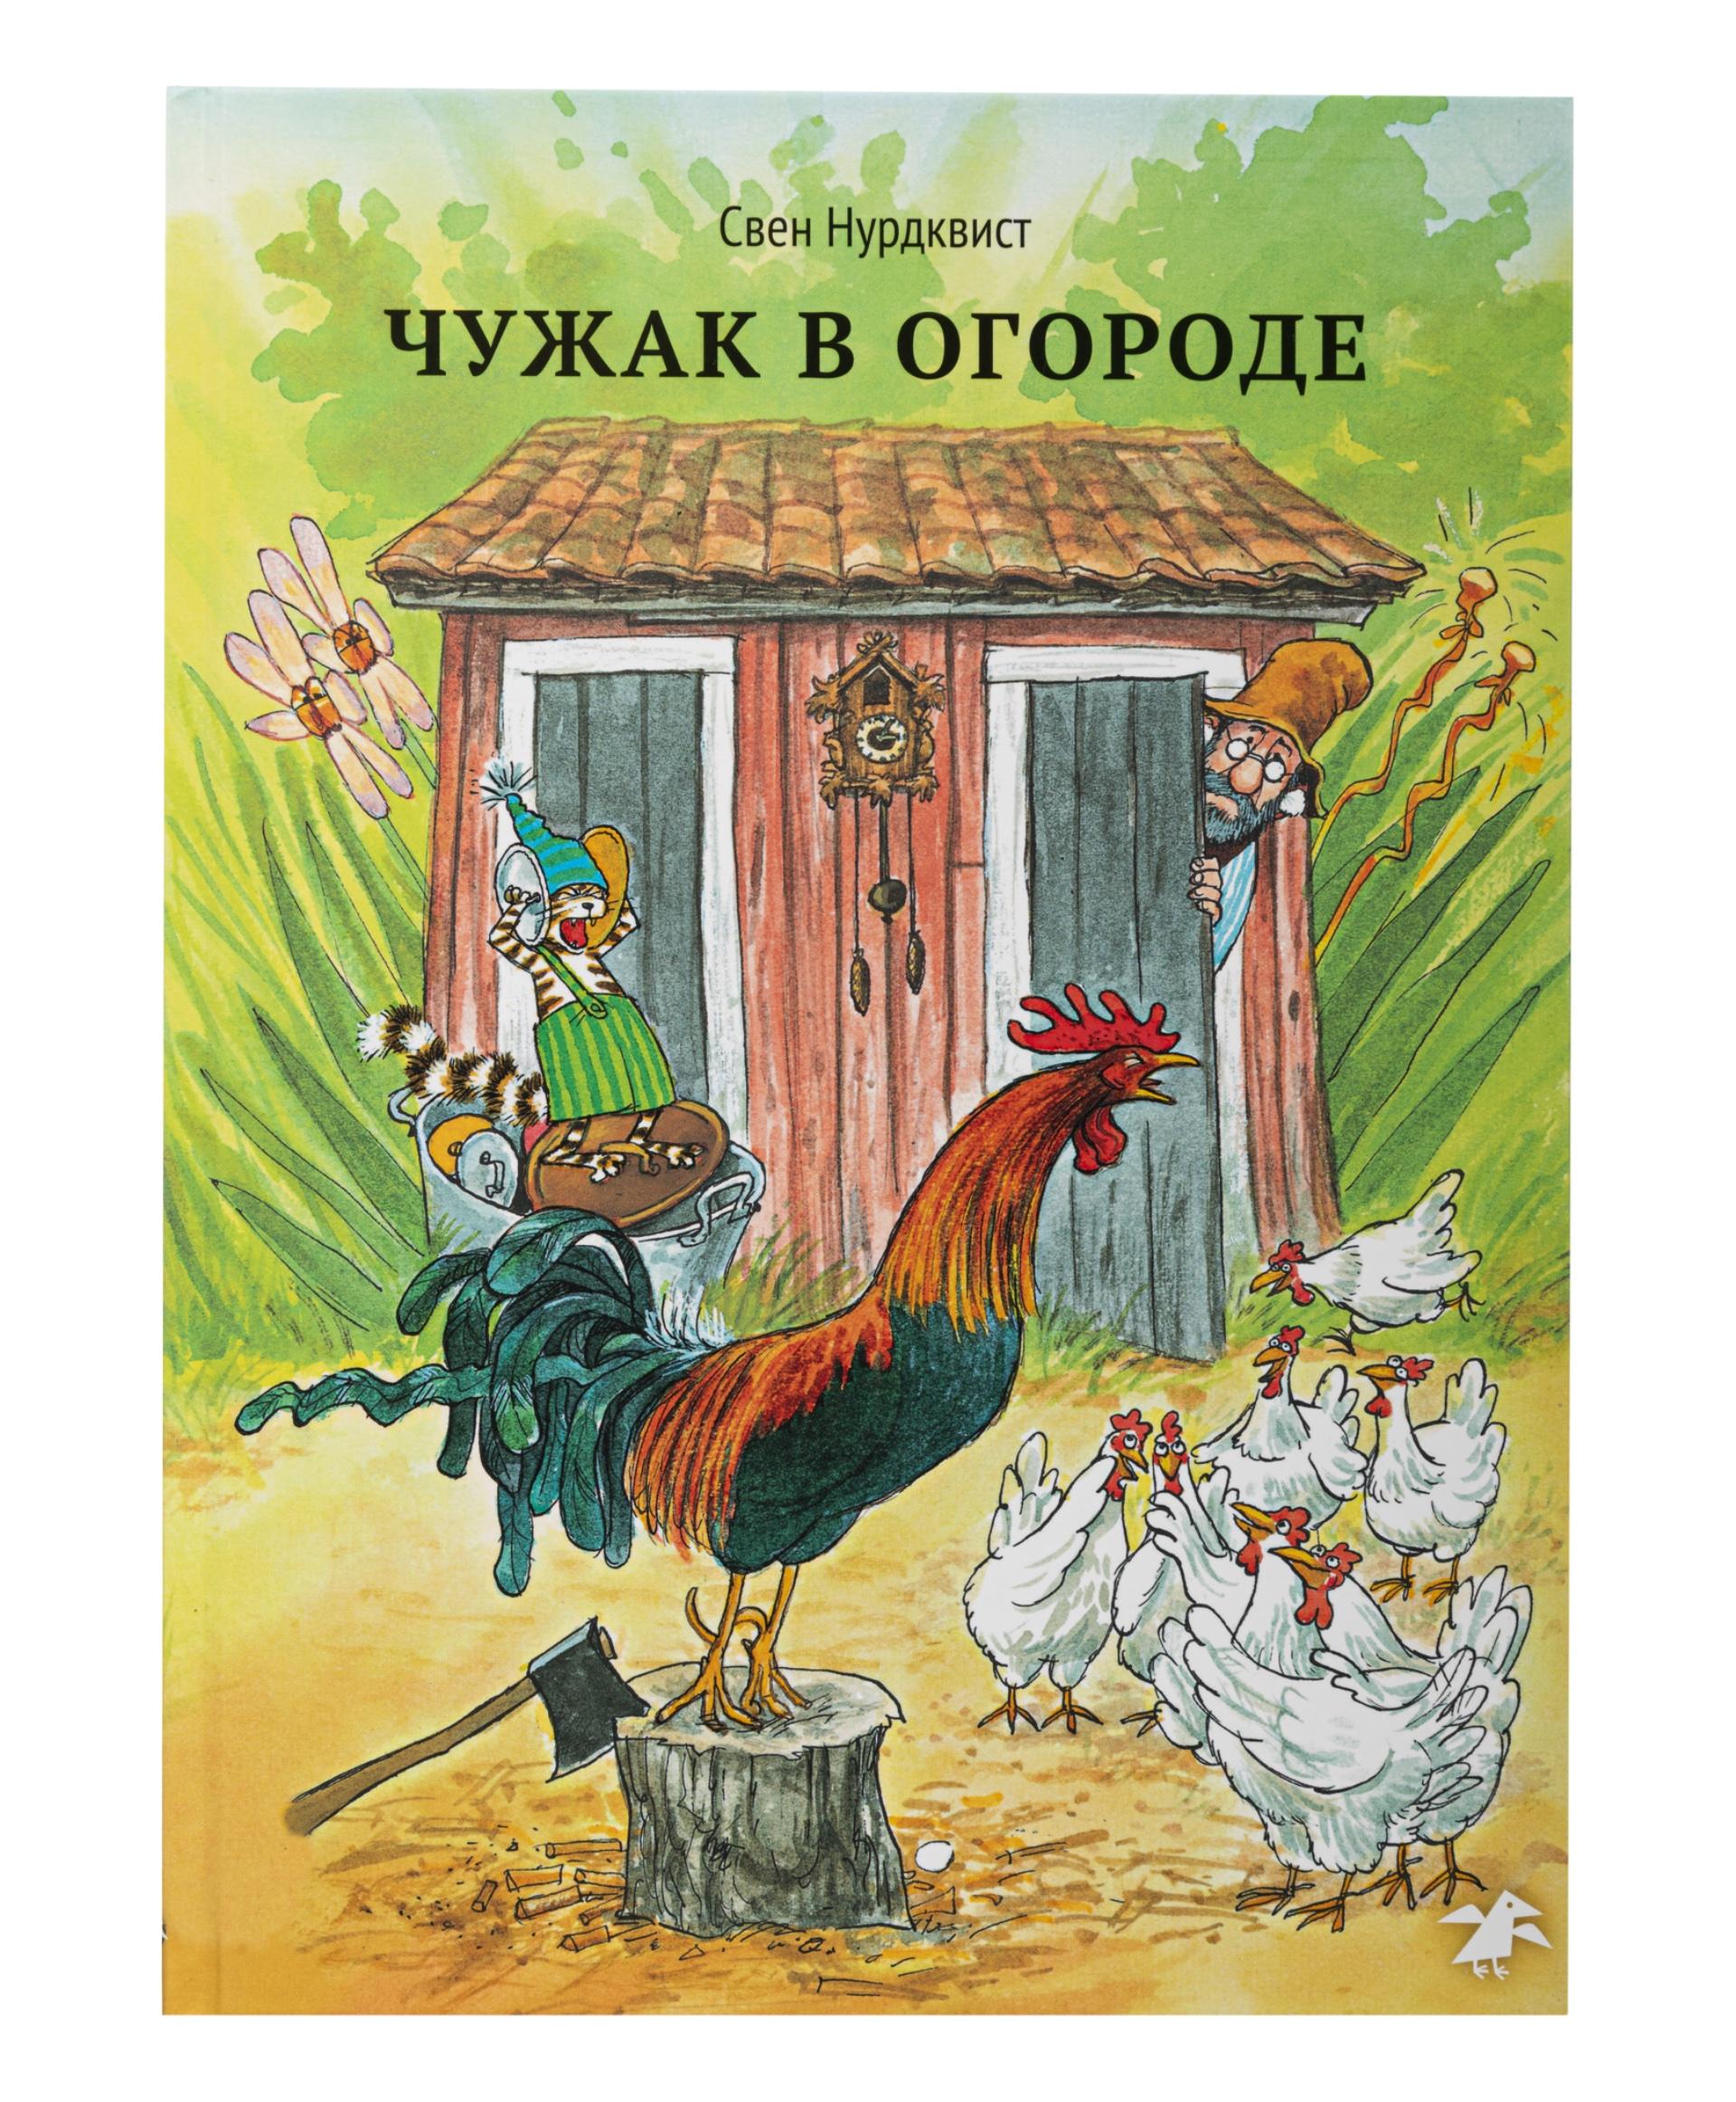 Белая Ворона книга 'Чужак в огороде'